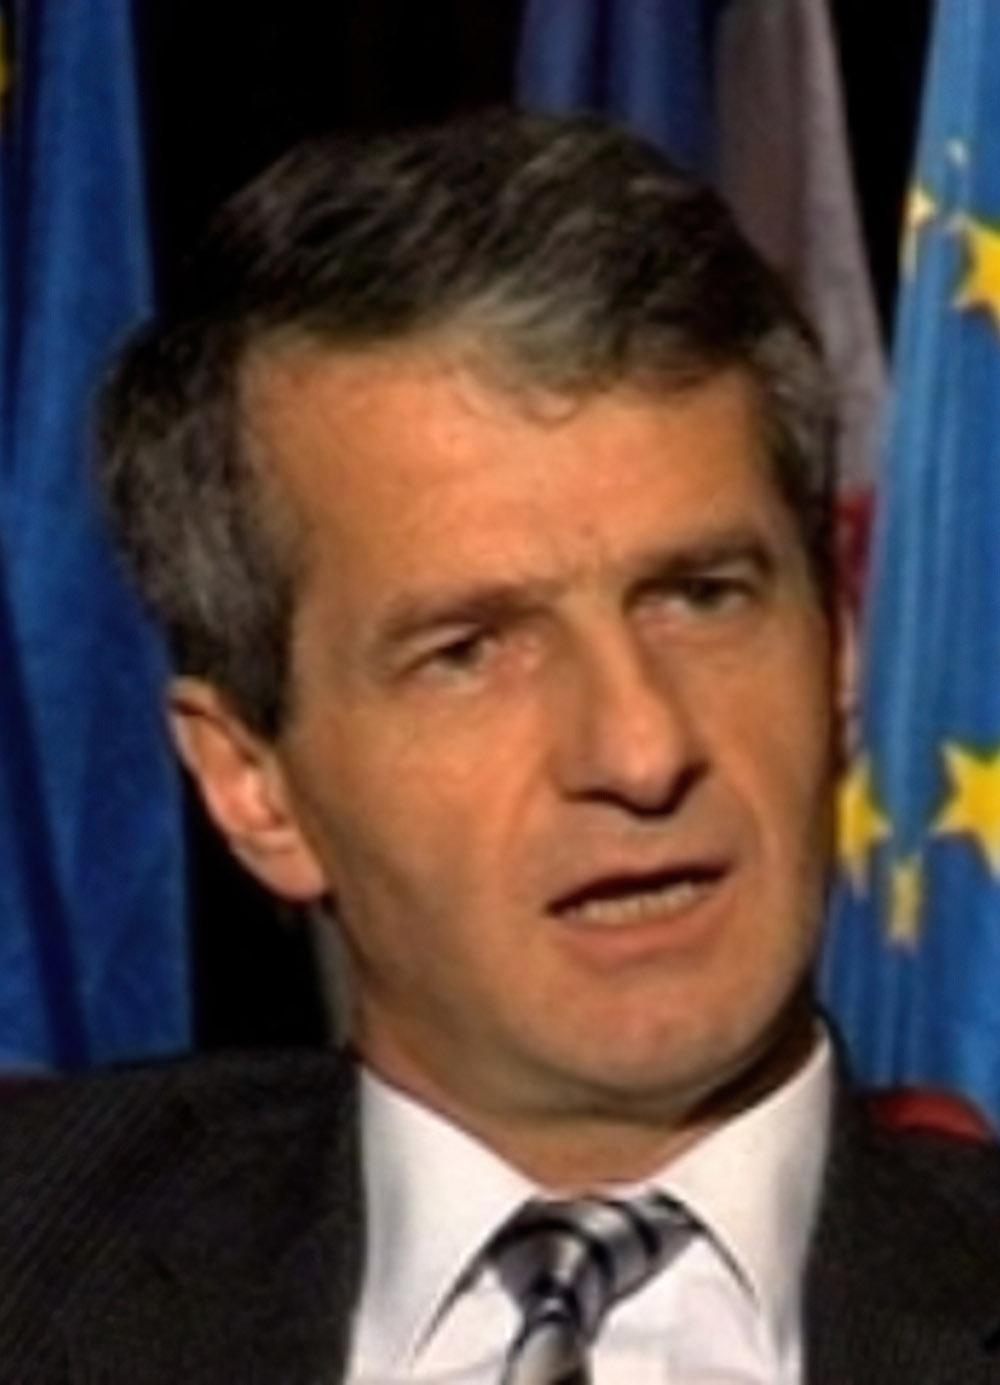 Thierry Lesieur